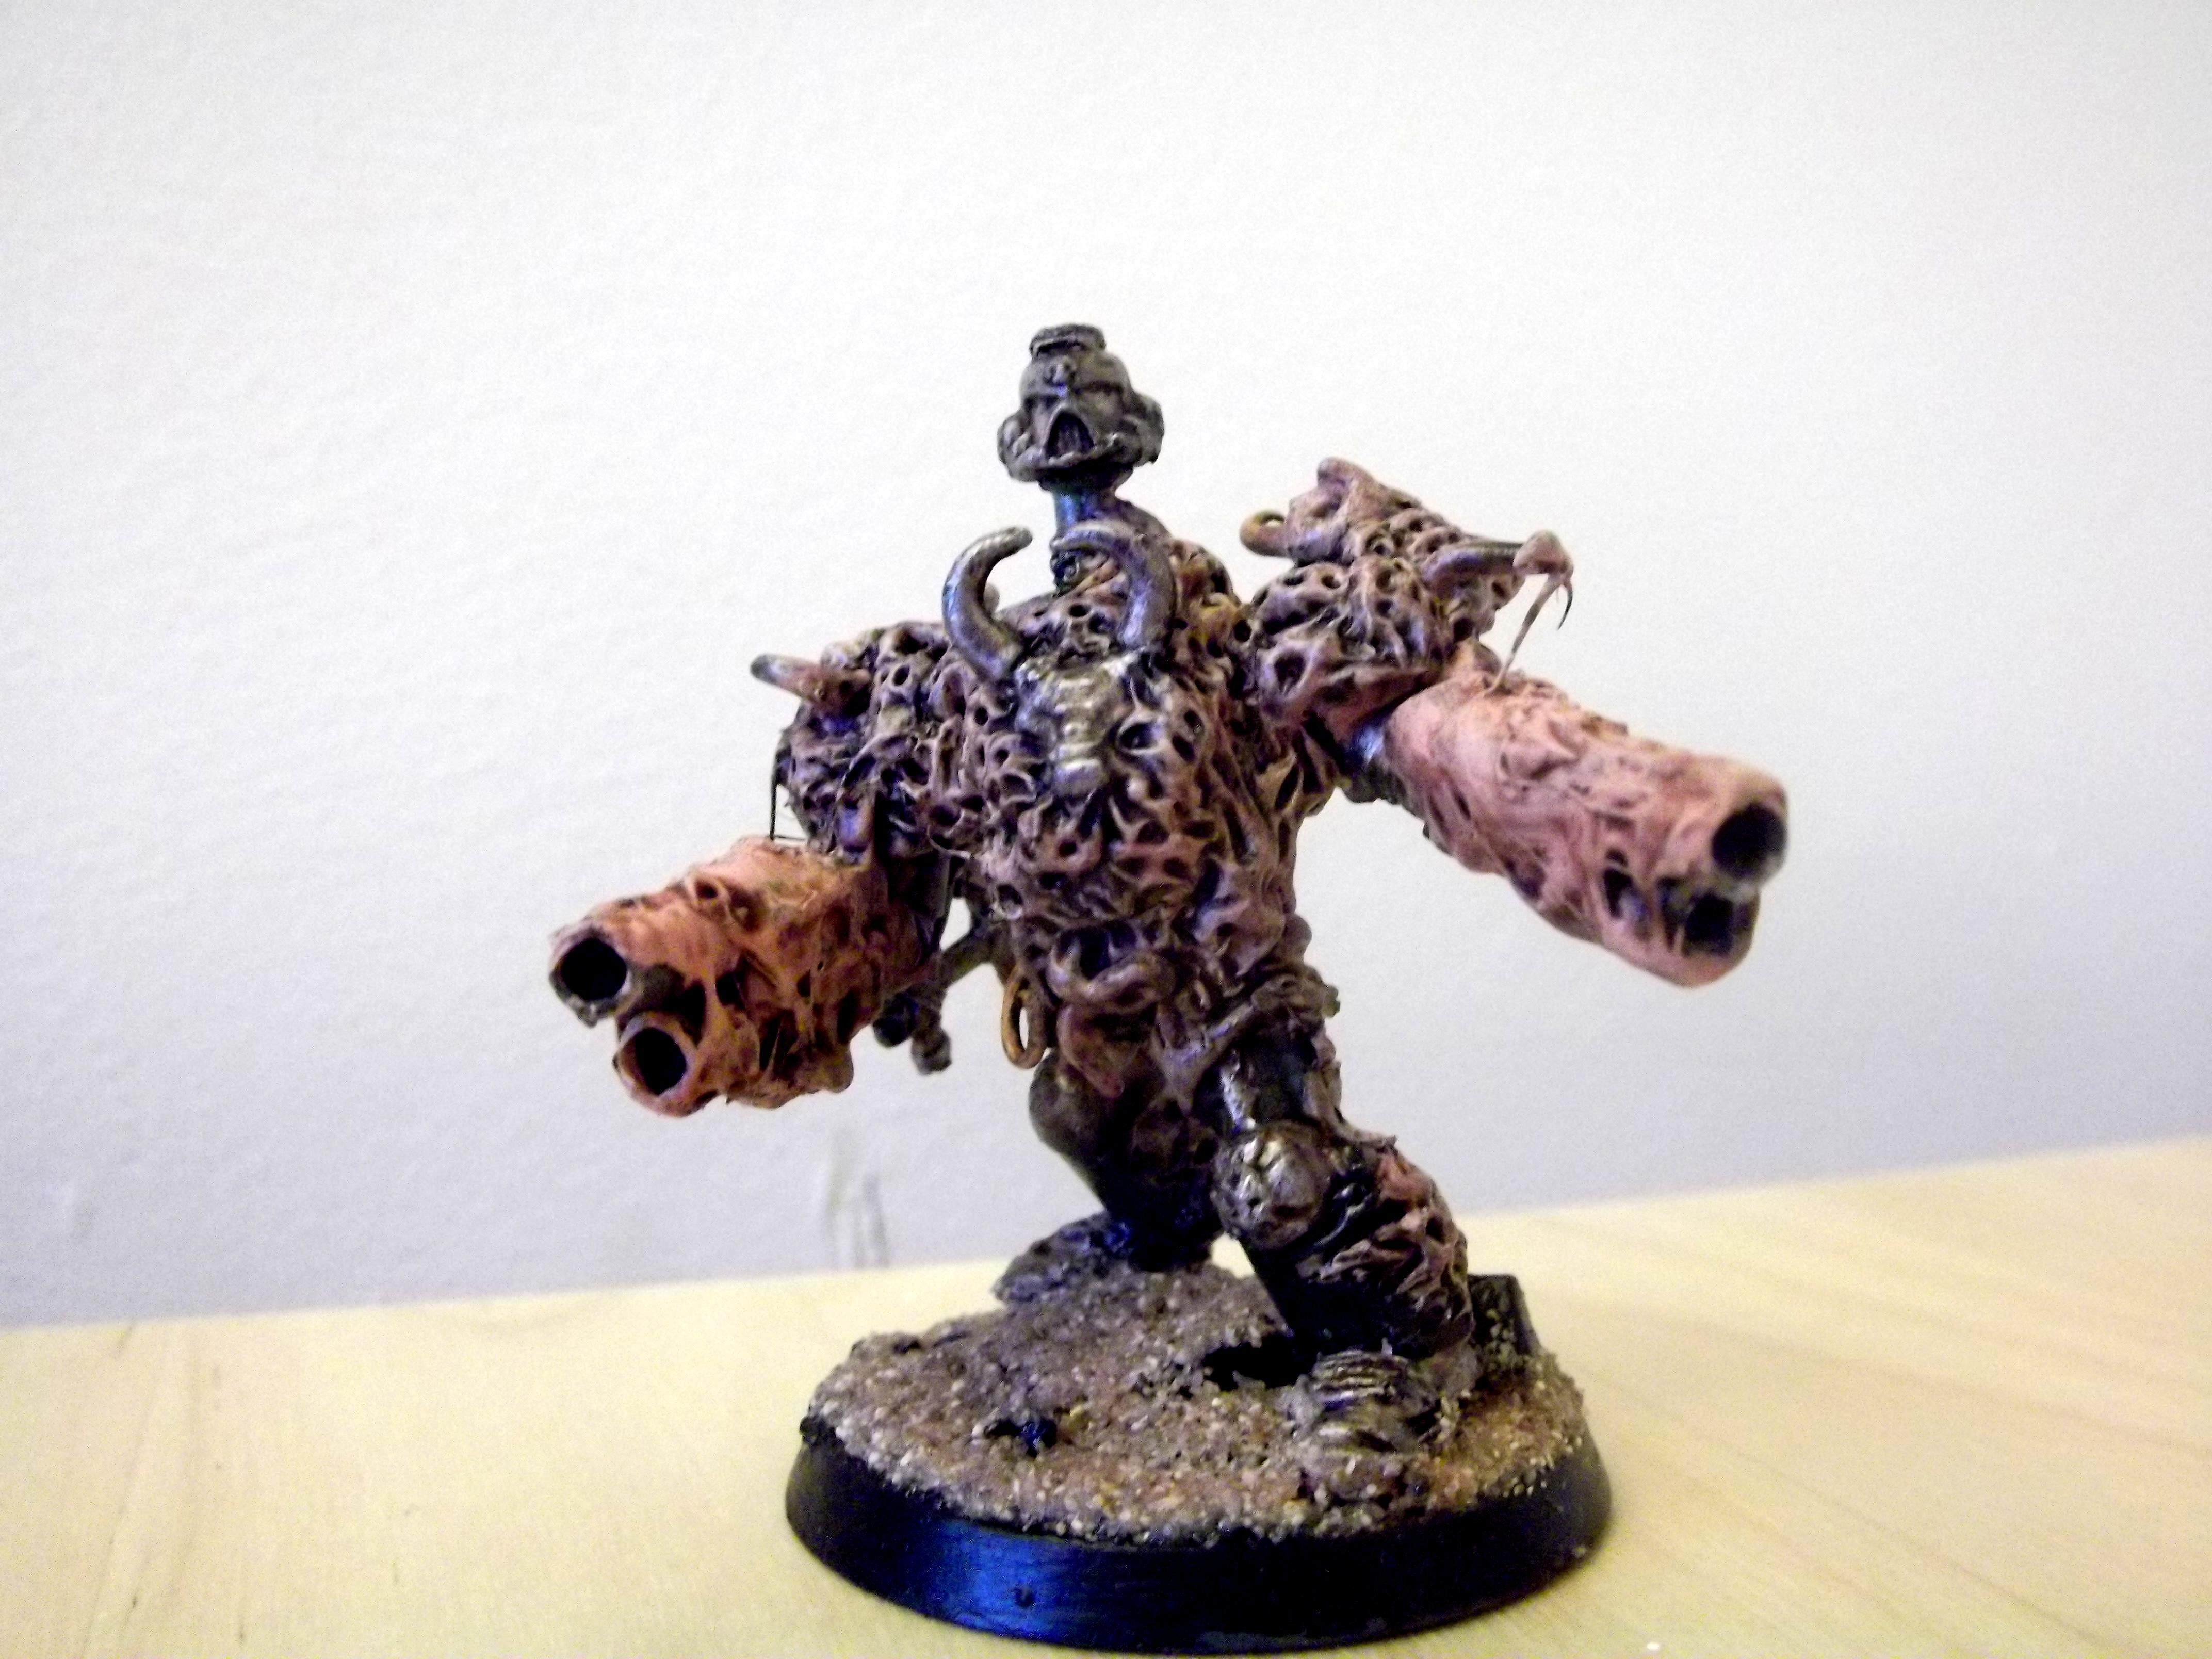 Conversion, Greenstuff, Nurgle, Obliterators, Sculpting, Undead, Warhammer 40,000, Warhammer Fantasy, Zombie